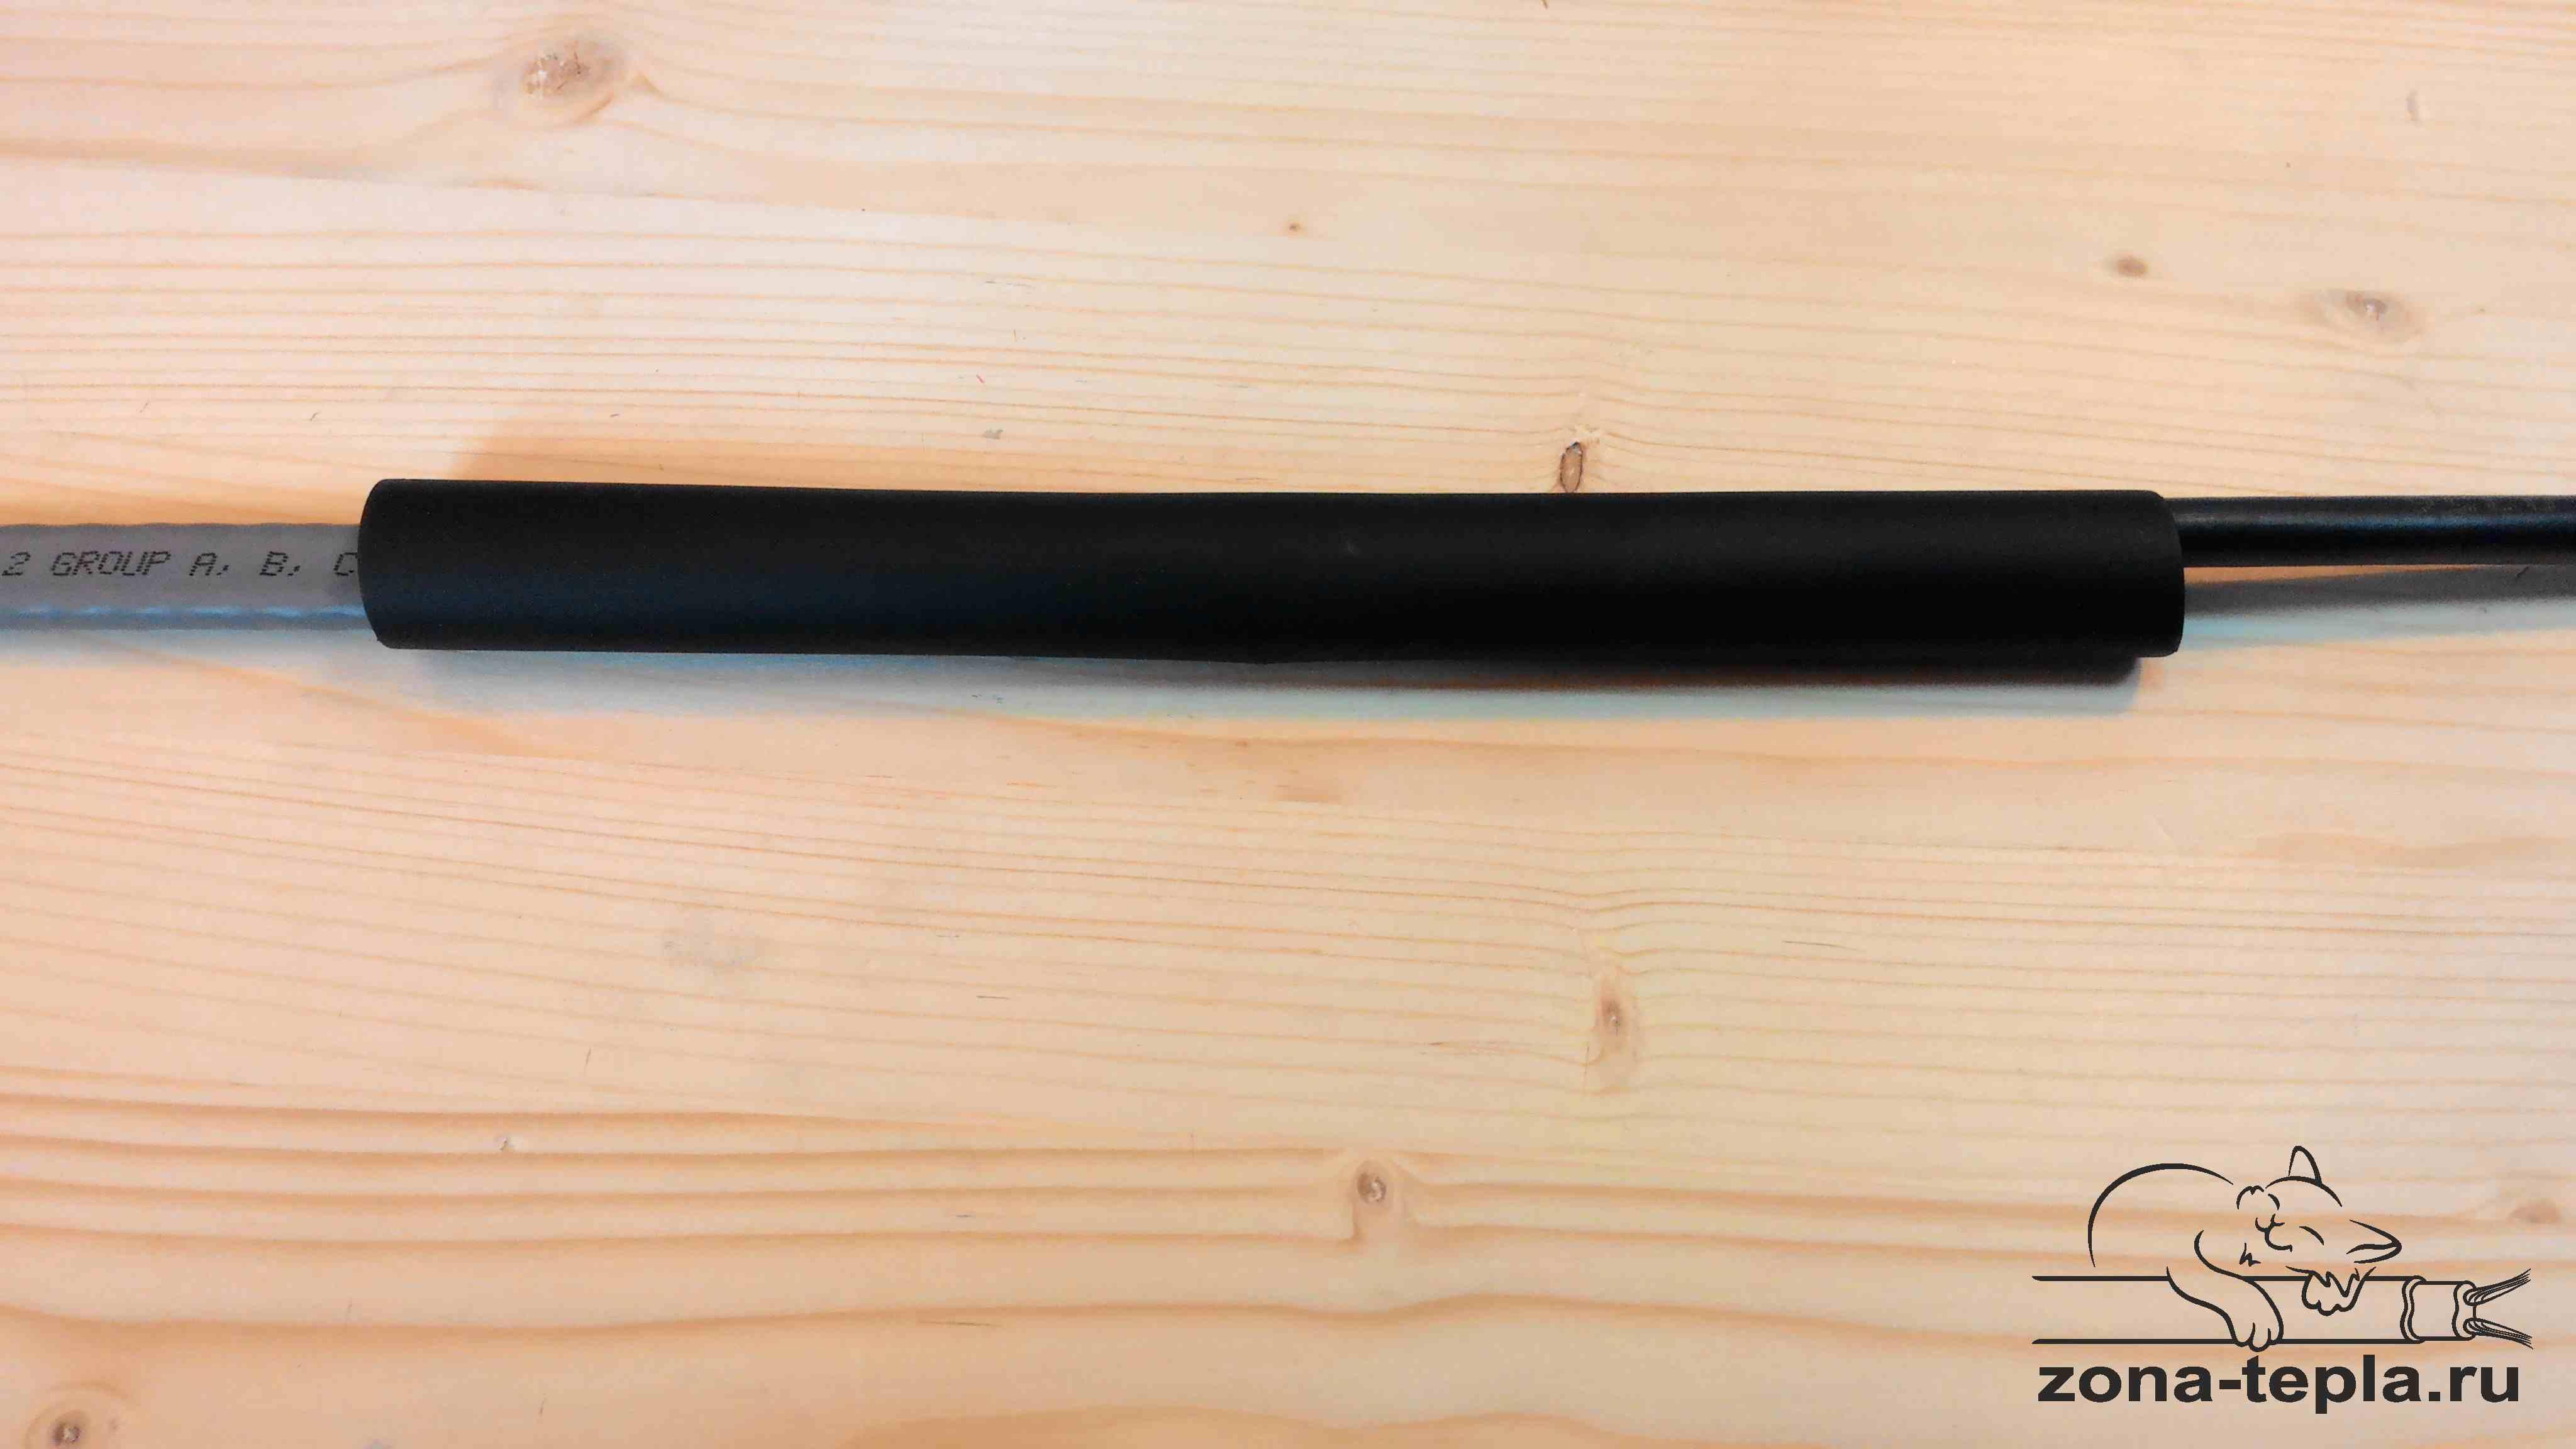 Подключение греющего кабеля. 37-соединение размещаем по центру